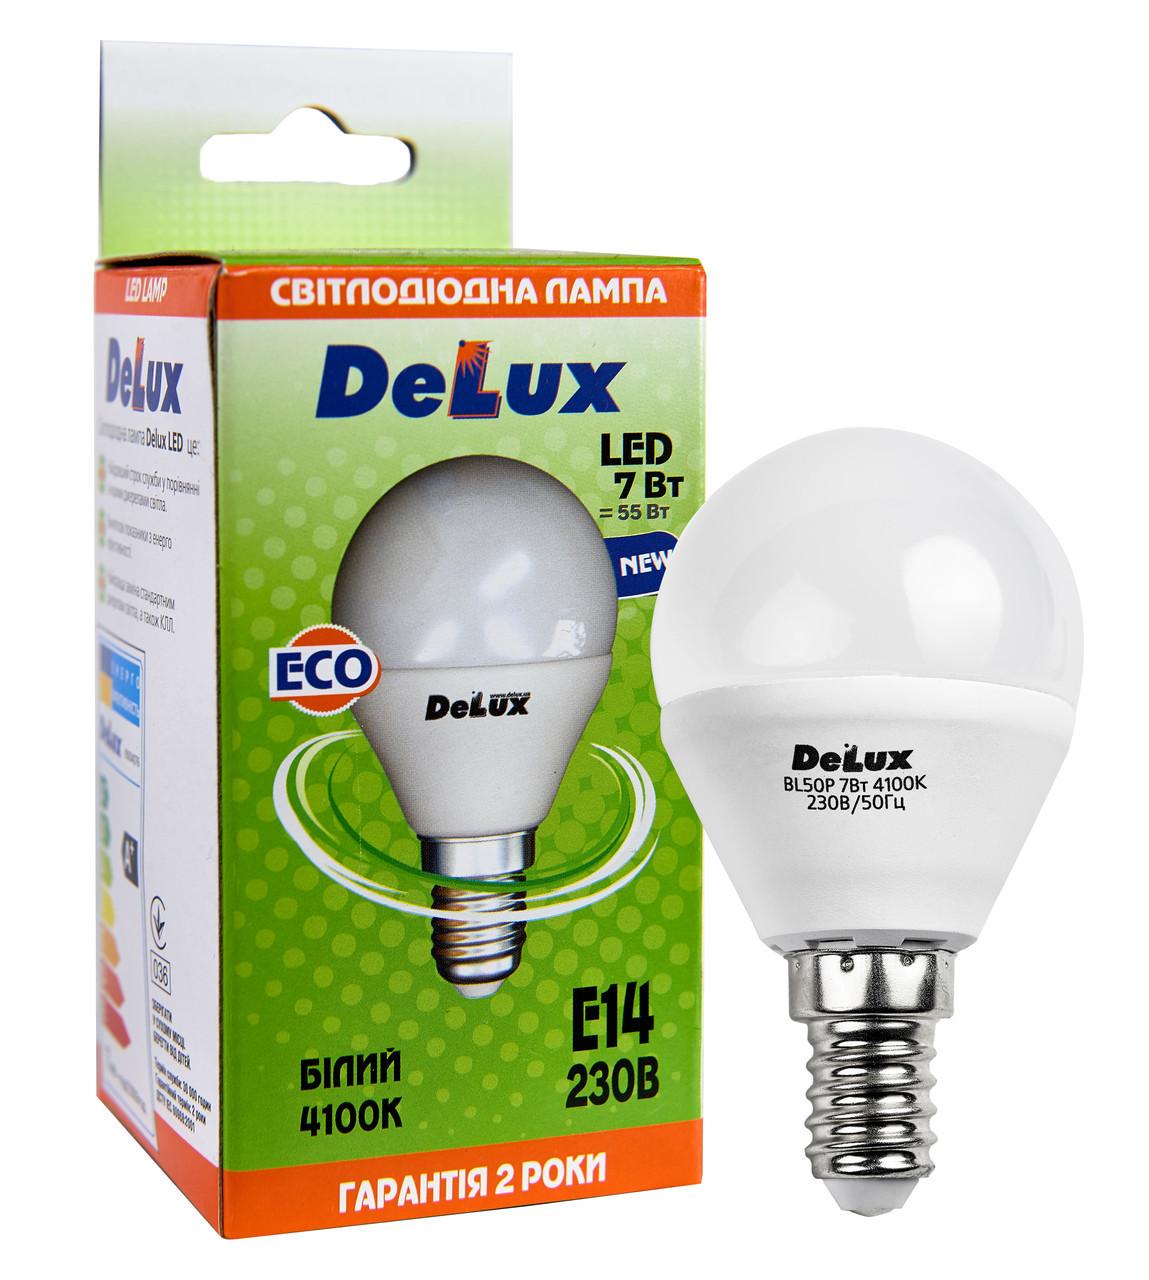 Комплект светодиодных ламп DELUX BL50P 7 Вт 2700K (4100K) 220 В E14 (8 шт)